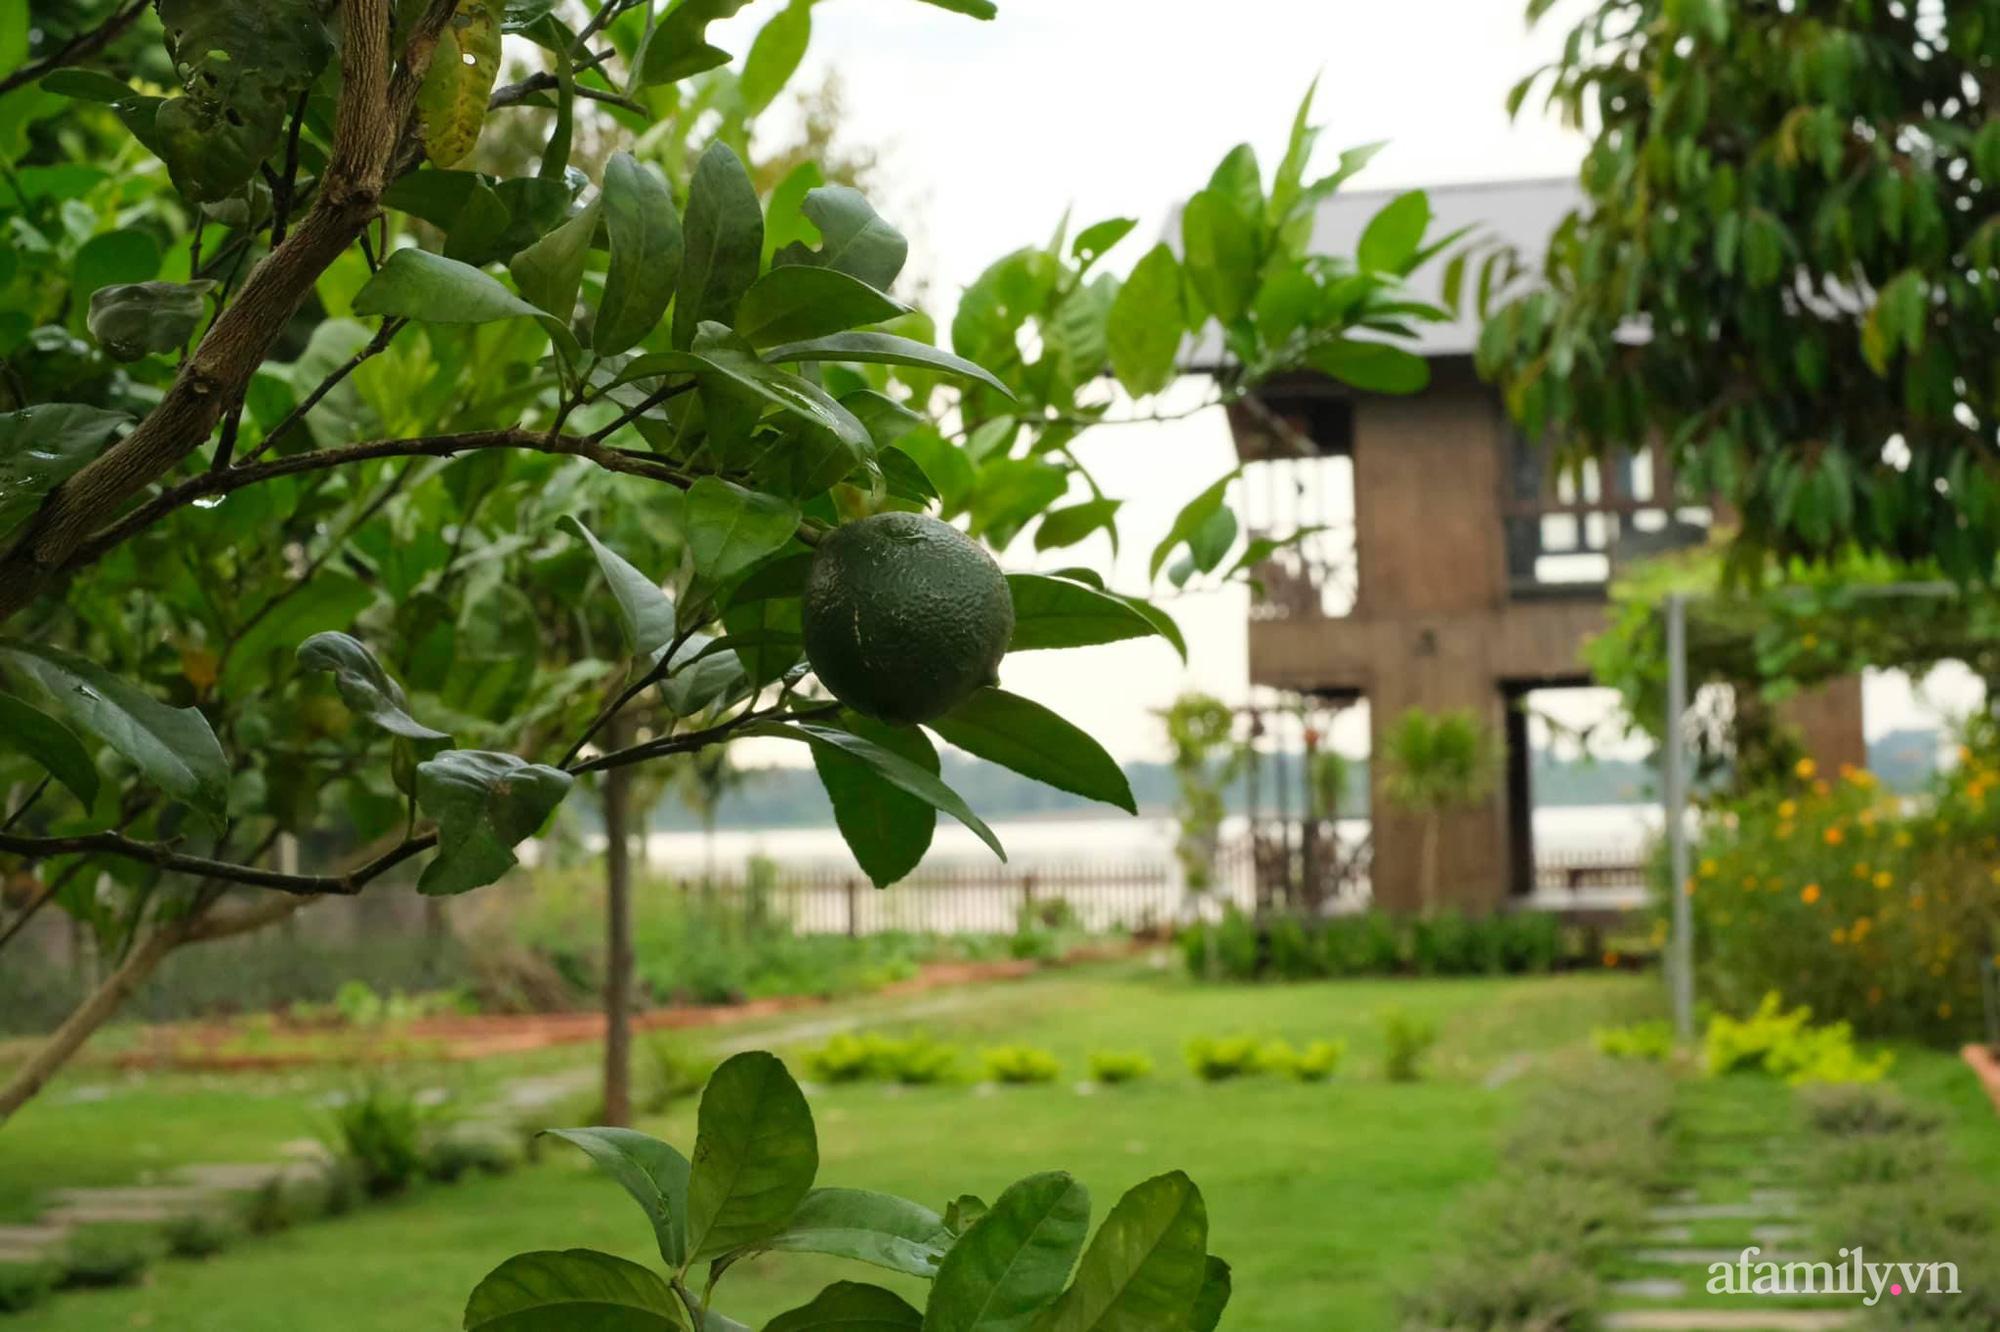 """Vì muốn sống gần thiên nhiên, 5 cô gái đã """"hùn vốn"""" biến mảnh đất trống thành khu vườn xanh mát ở Buôn Mê Thuột - Ảnh 7."""